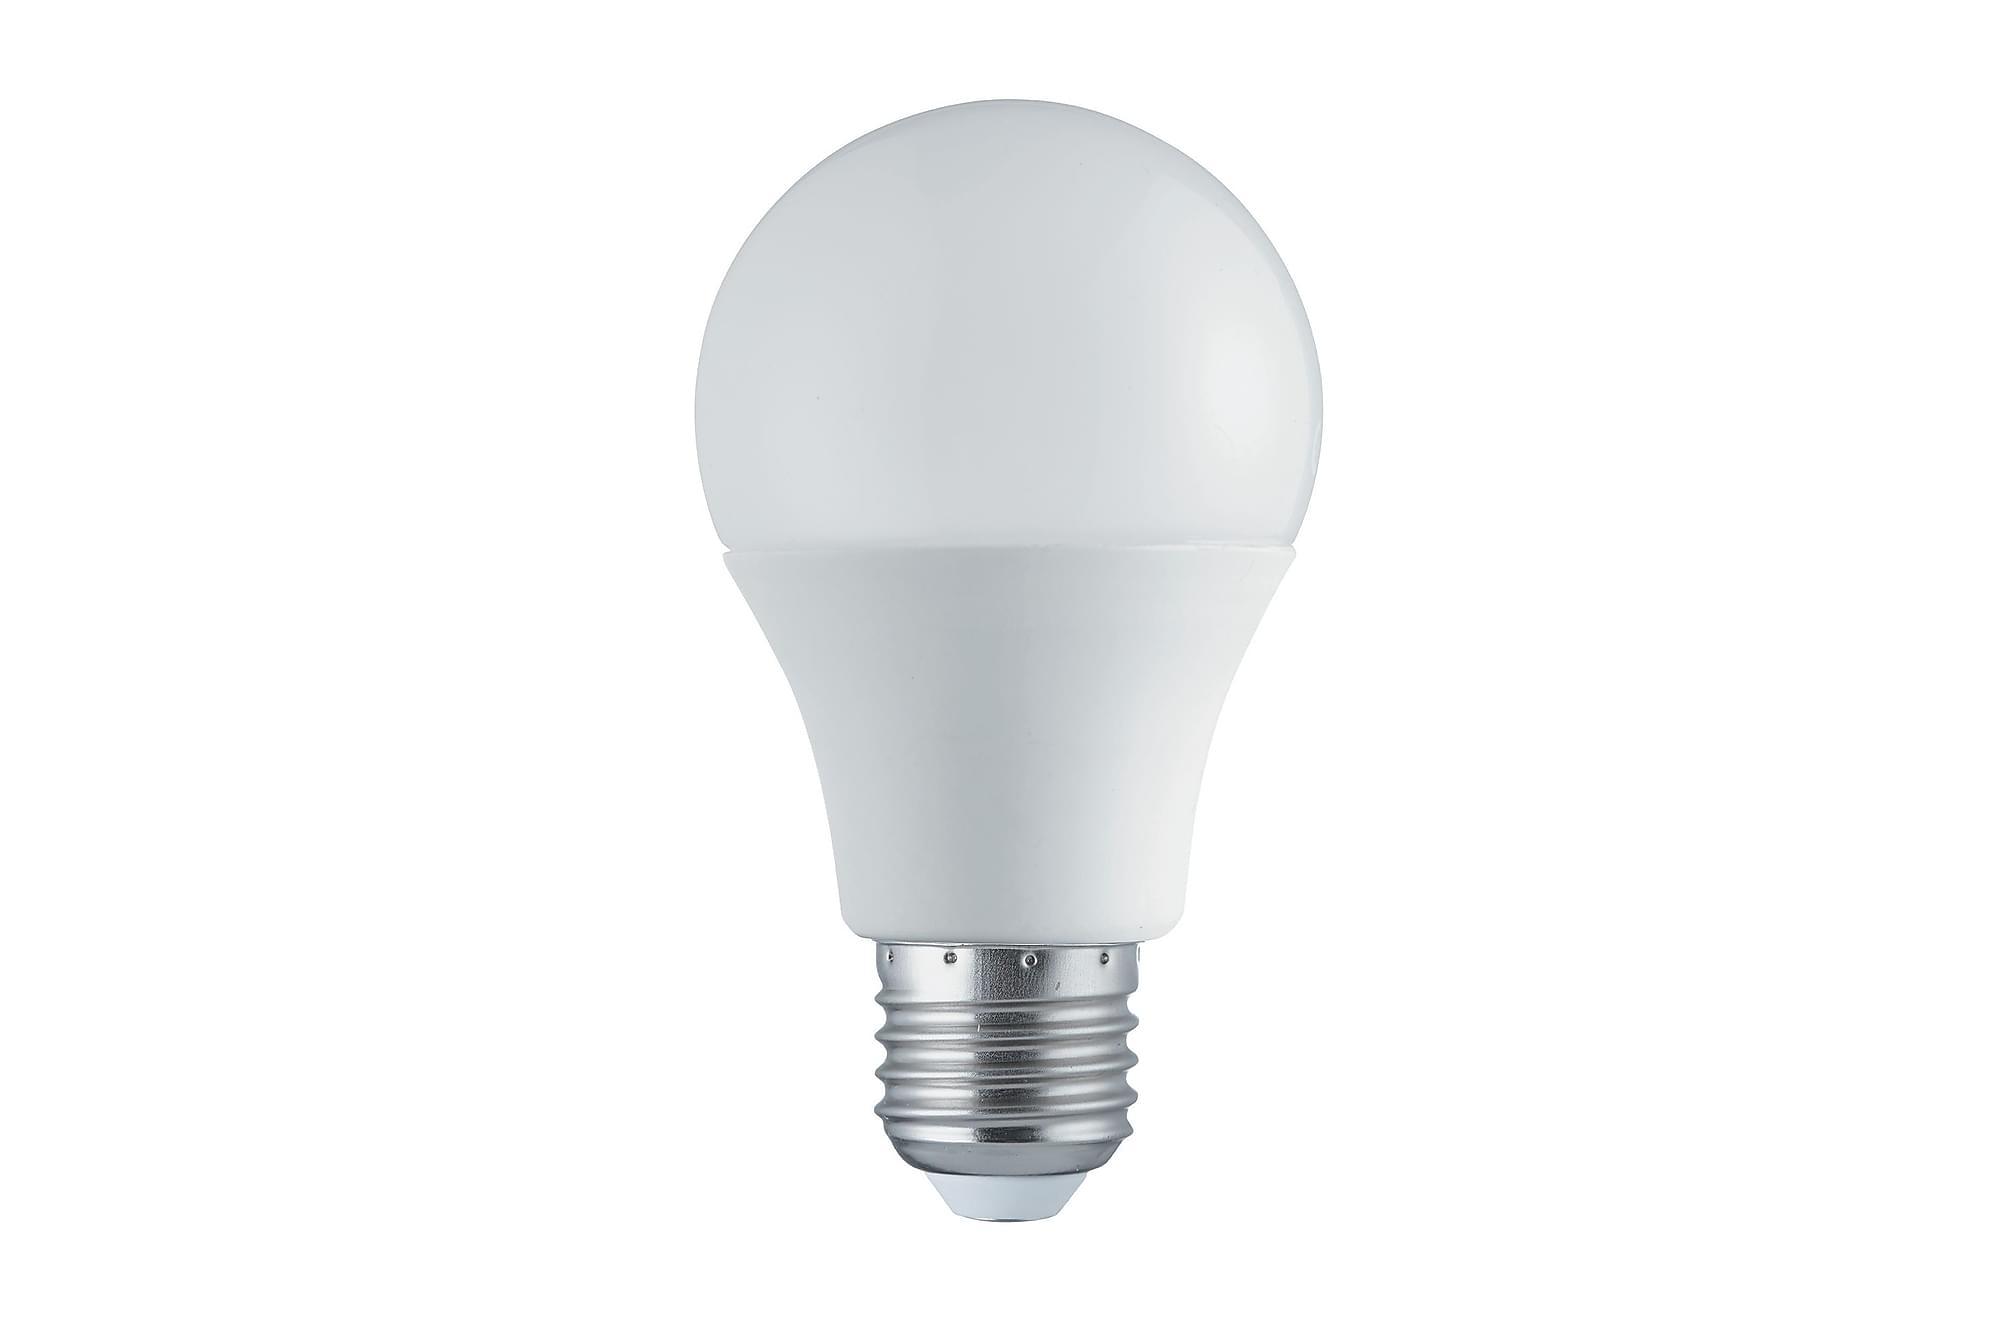 LAMPS GLS LED 10xE27 10W 800 Lumens, Glödlampor & ljuskällor